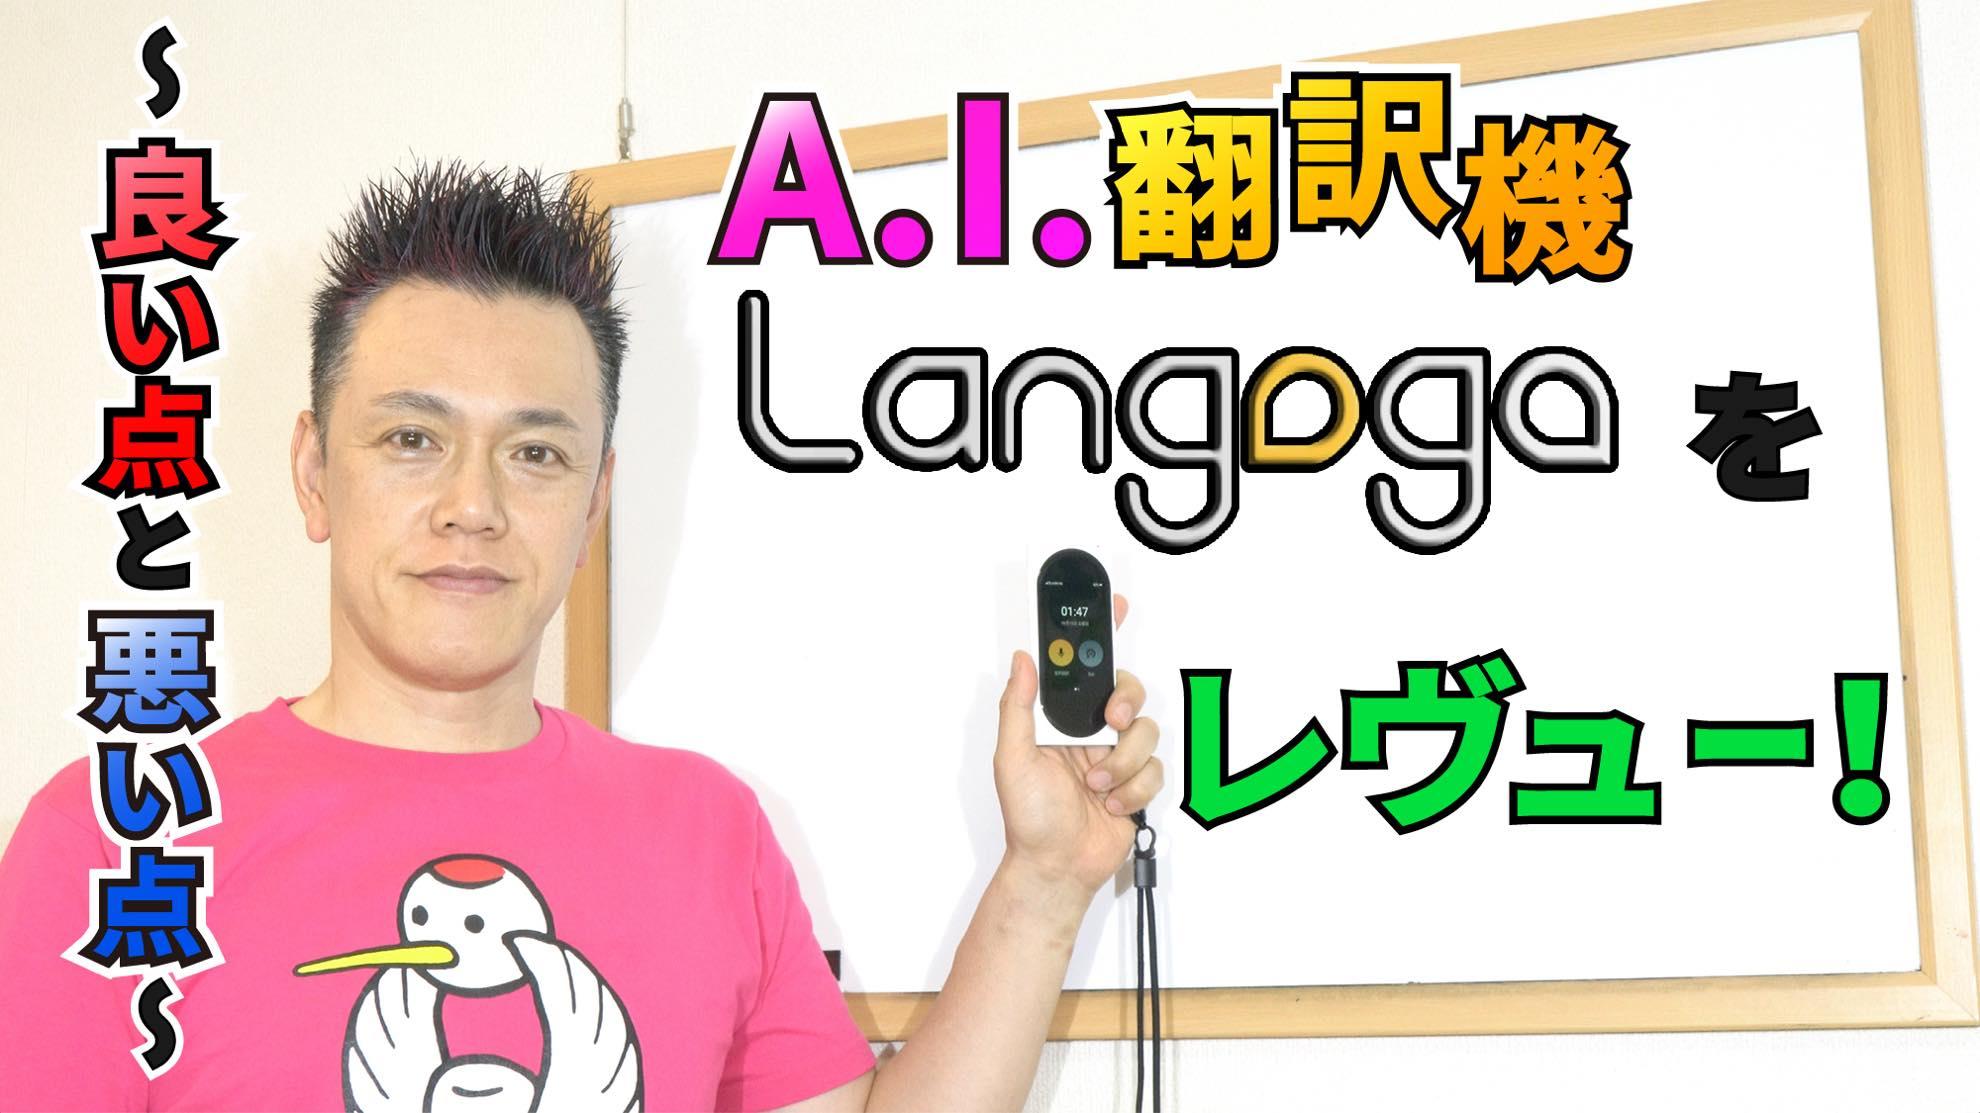 th_20190615A.I. 翻訳機 Langogoをレヴュー!~良い点と悪い点~superboldのコピー